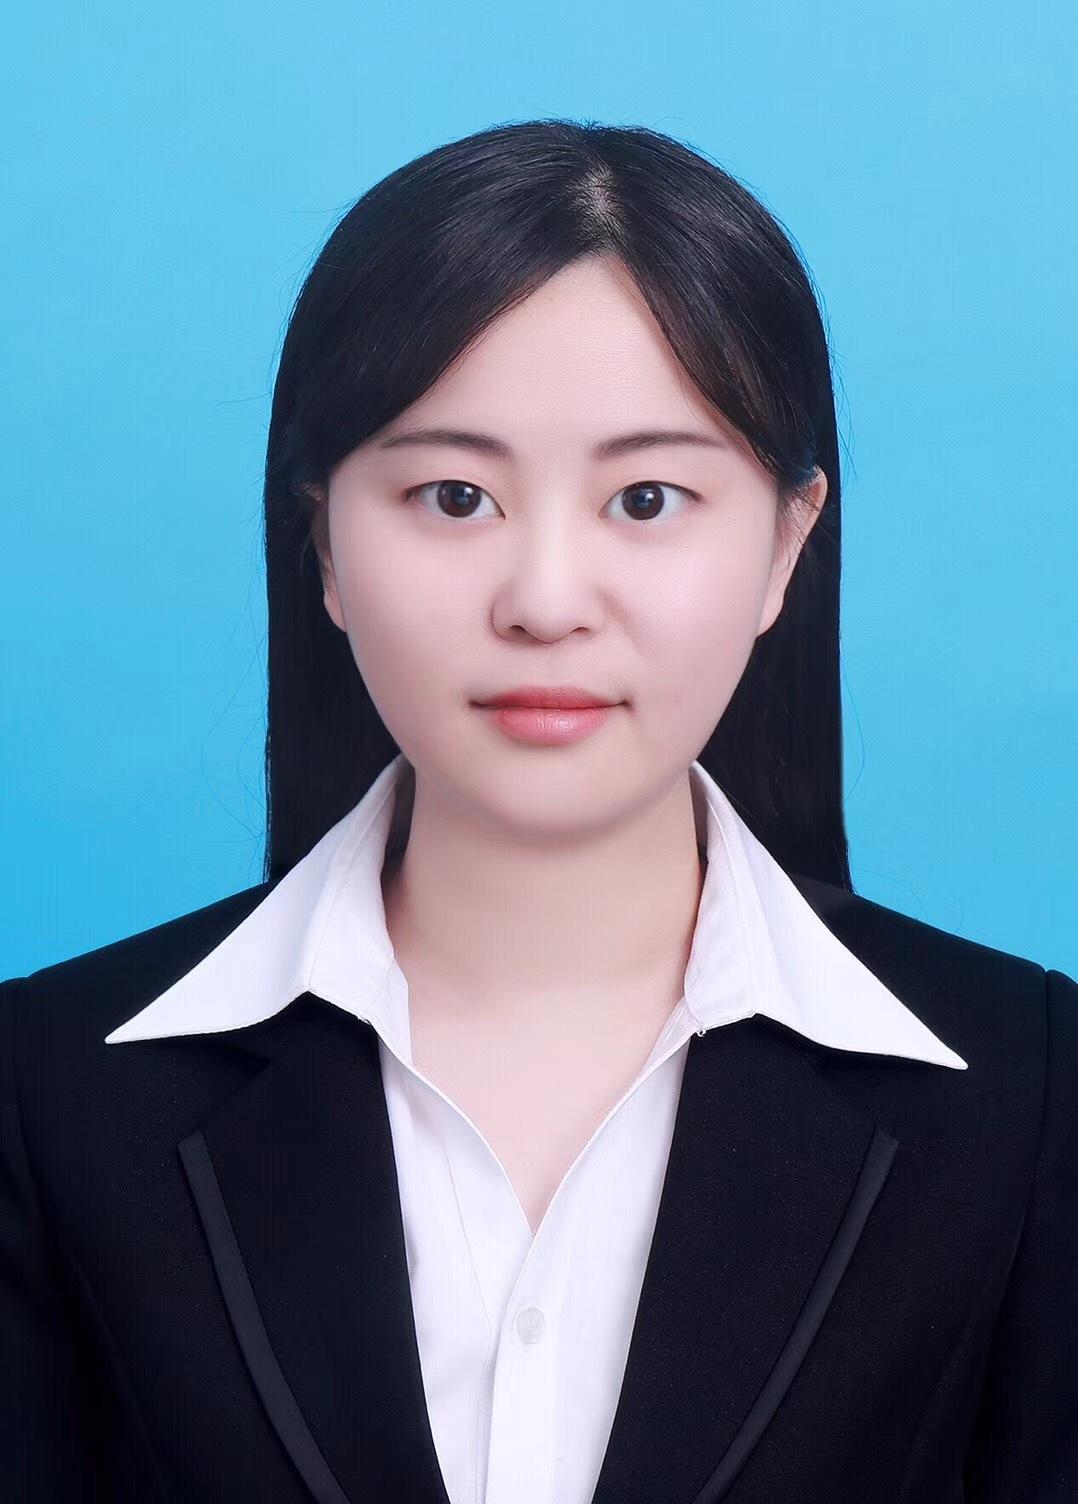 上海家教管老师